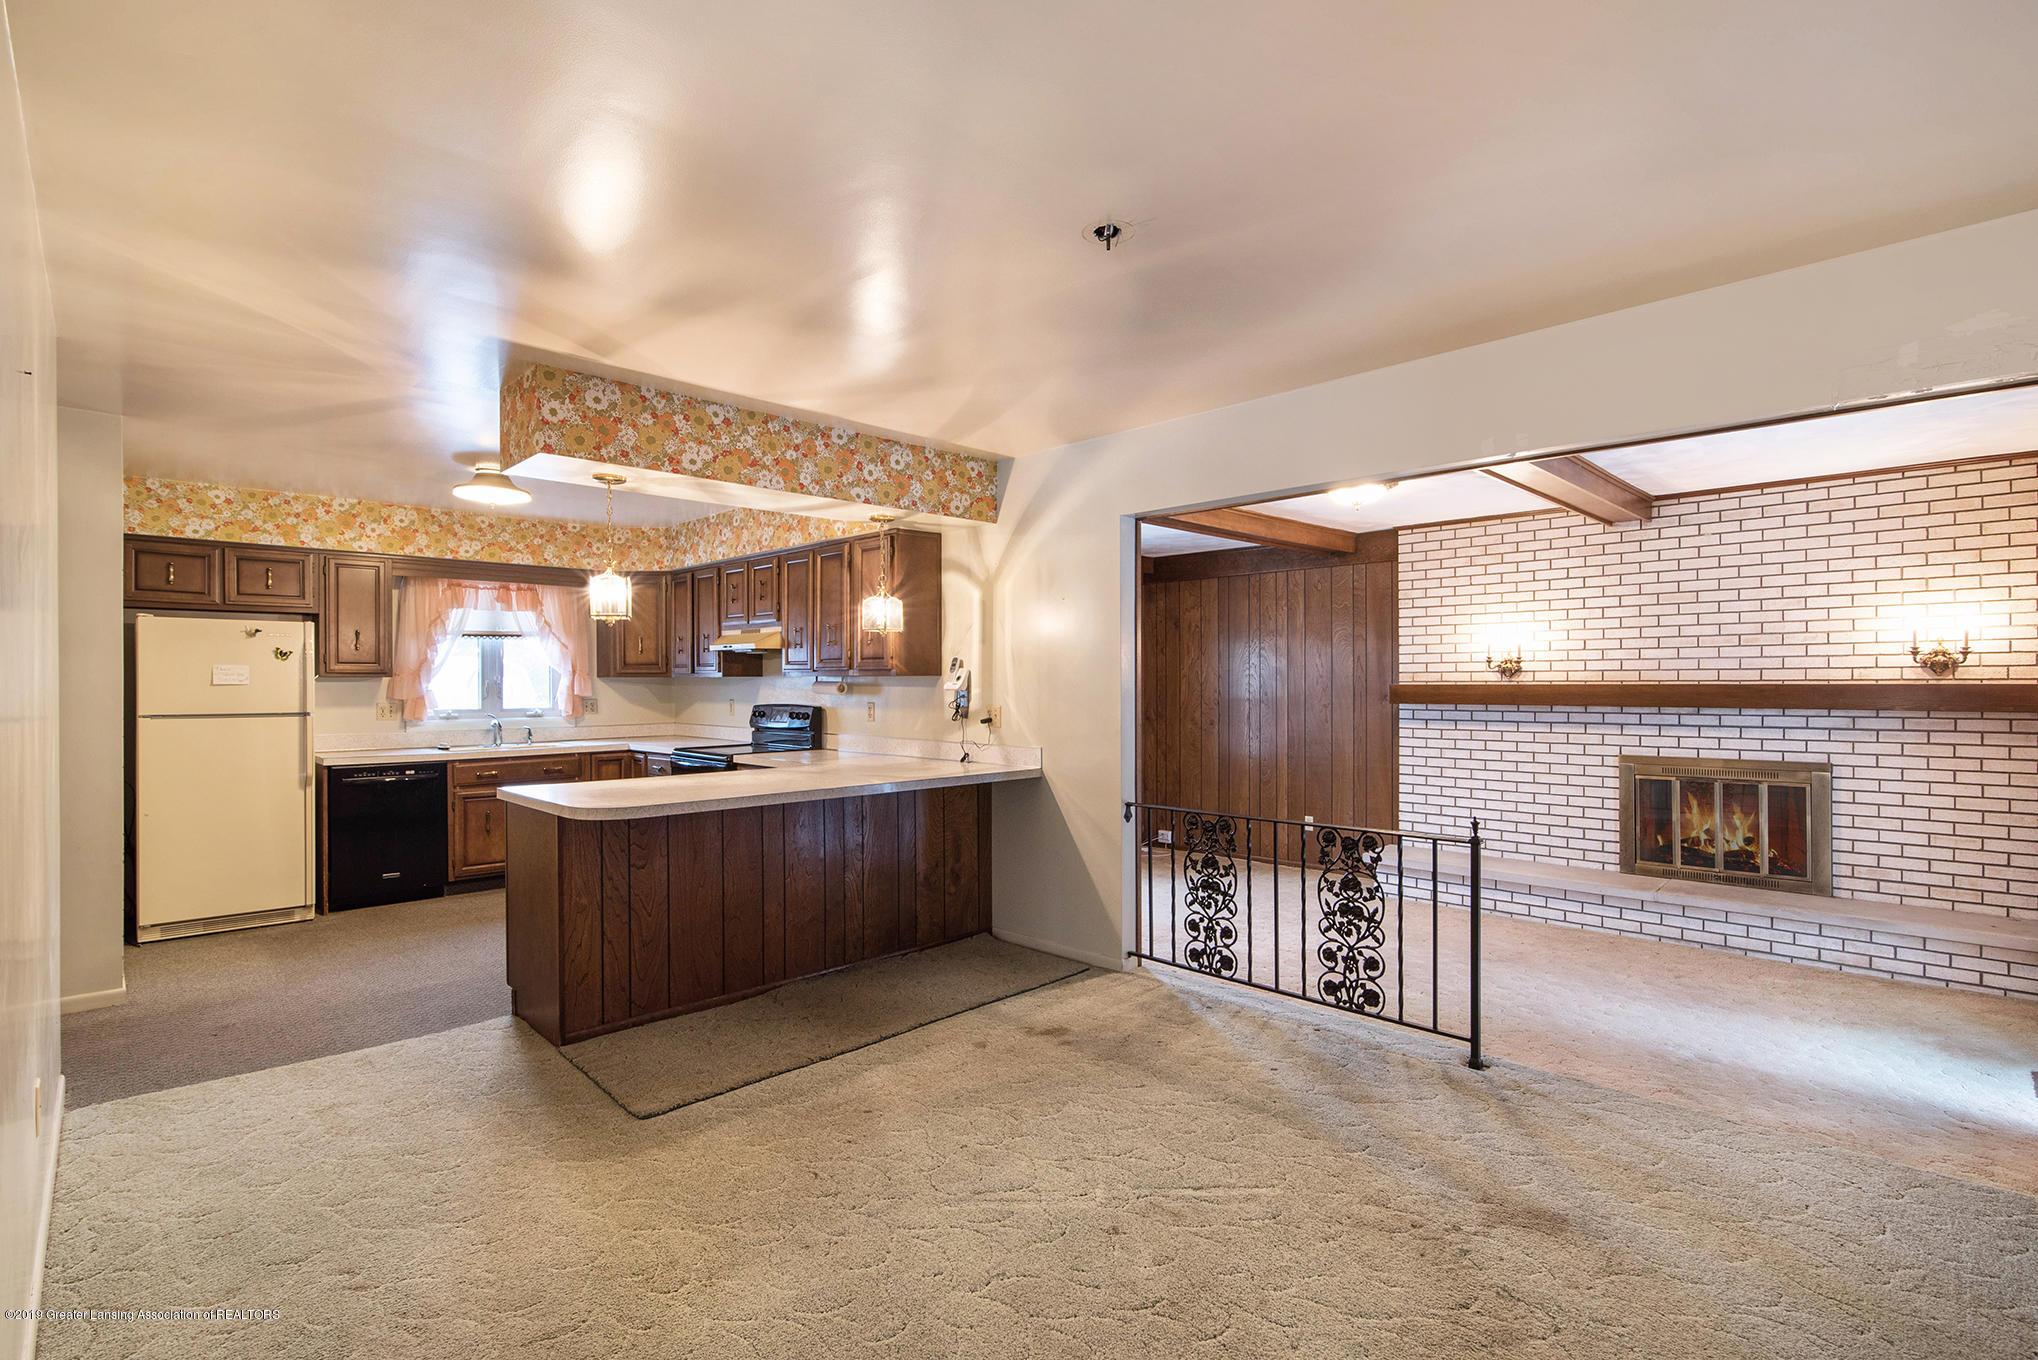 1424 N Homer St - Floor Plan - 7